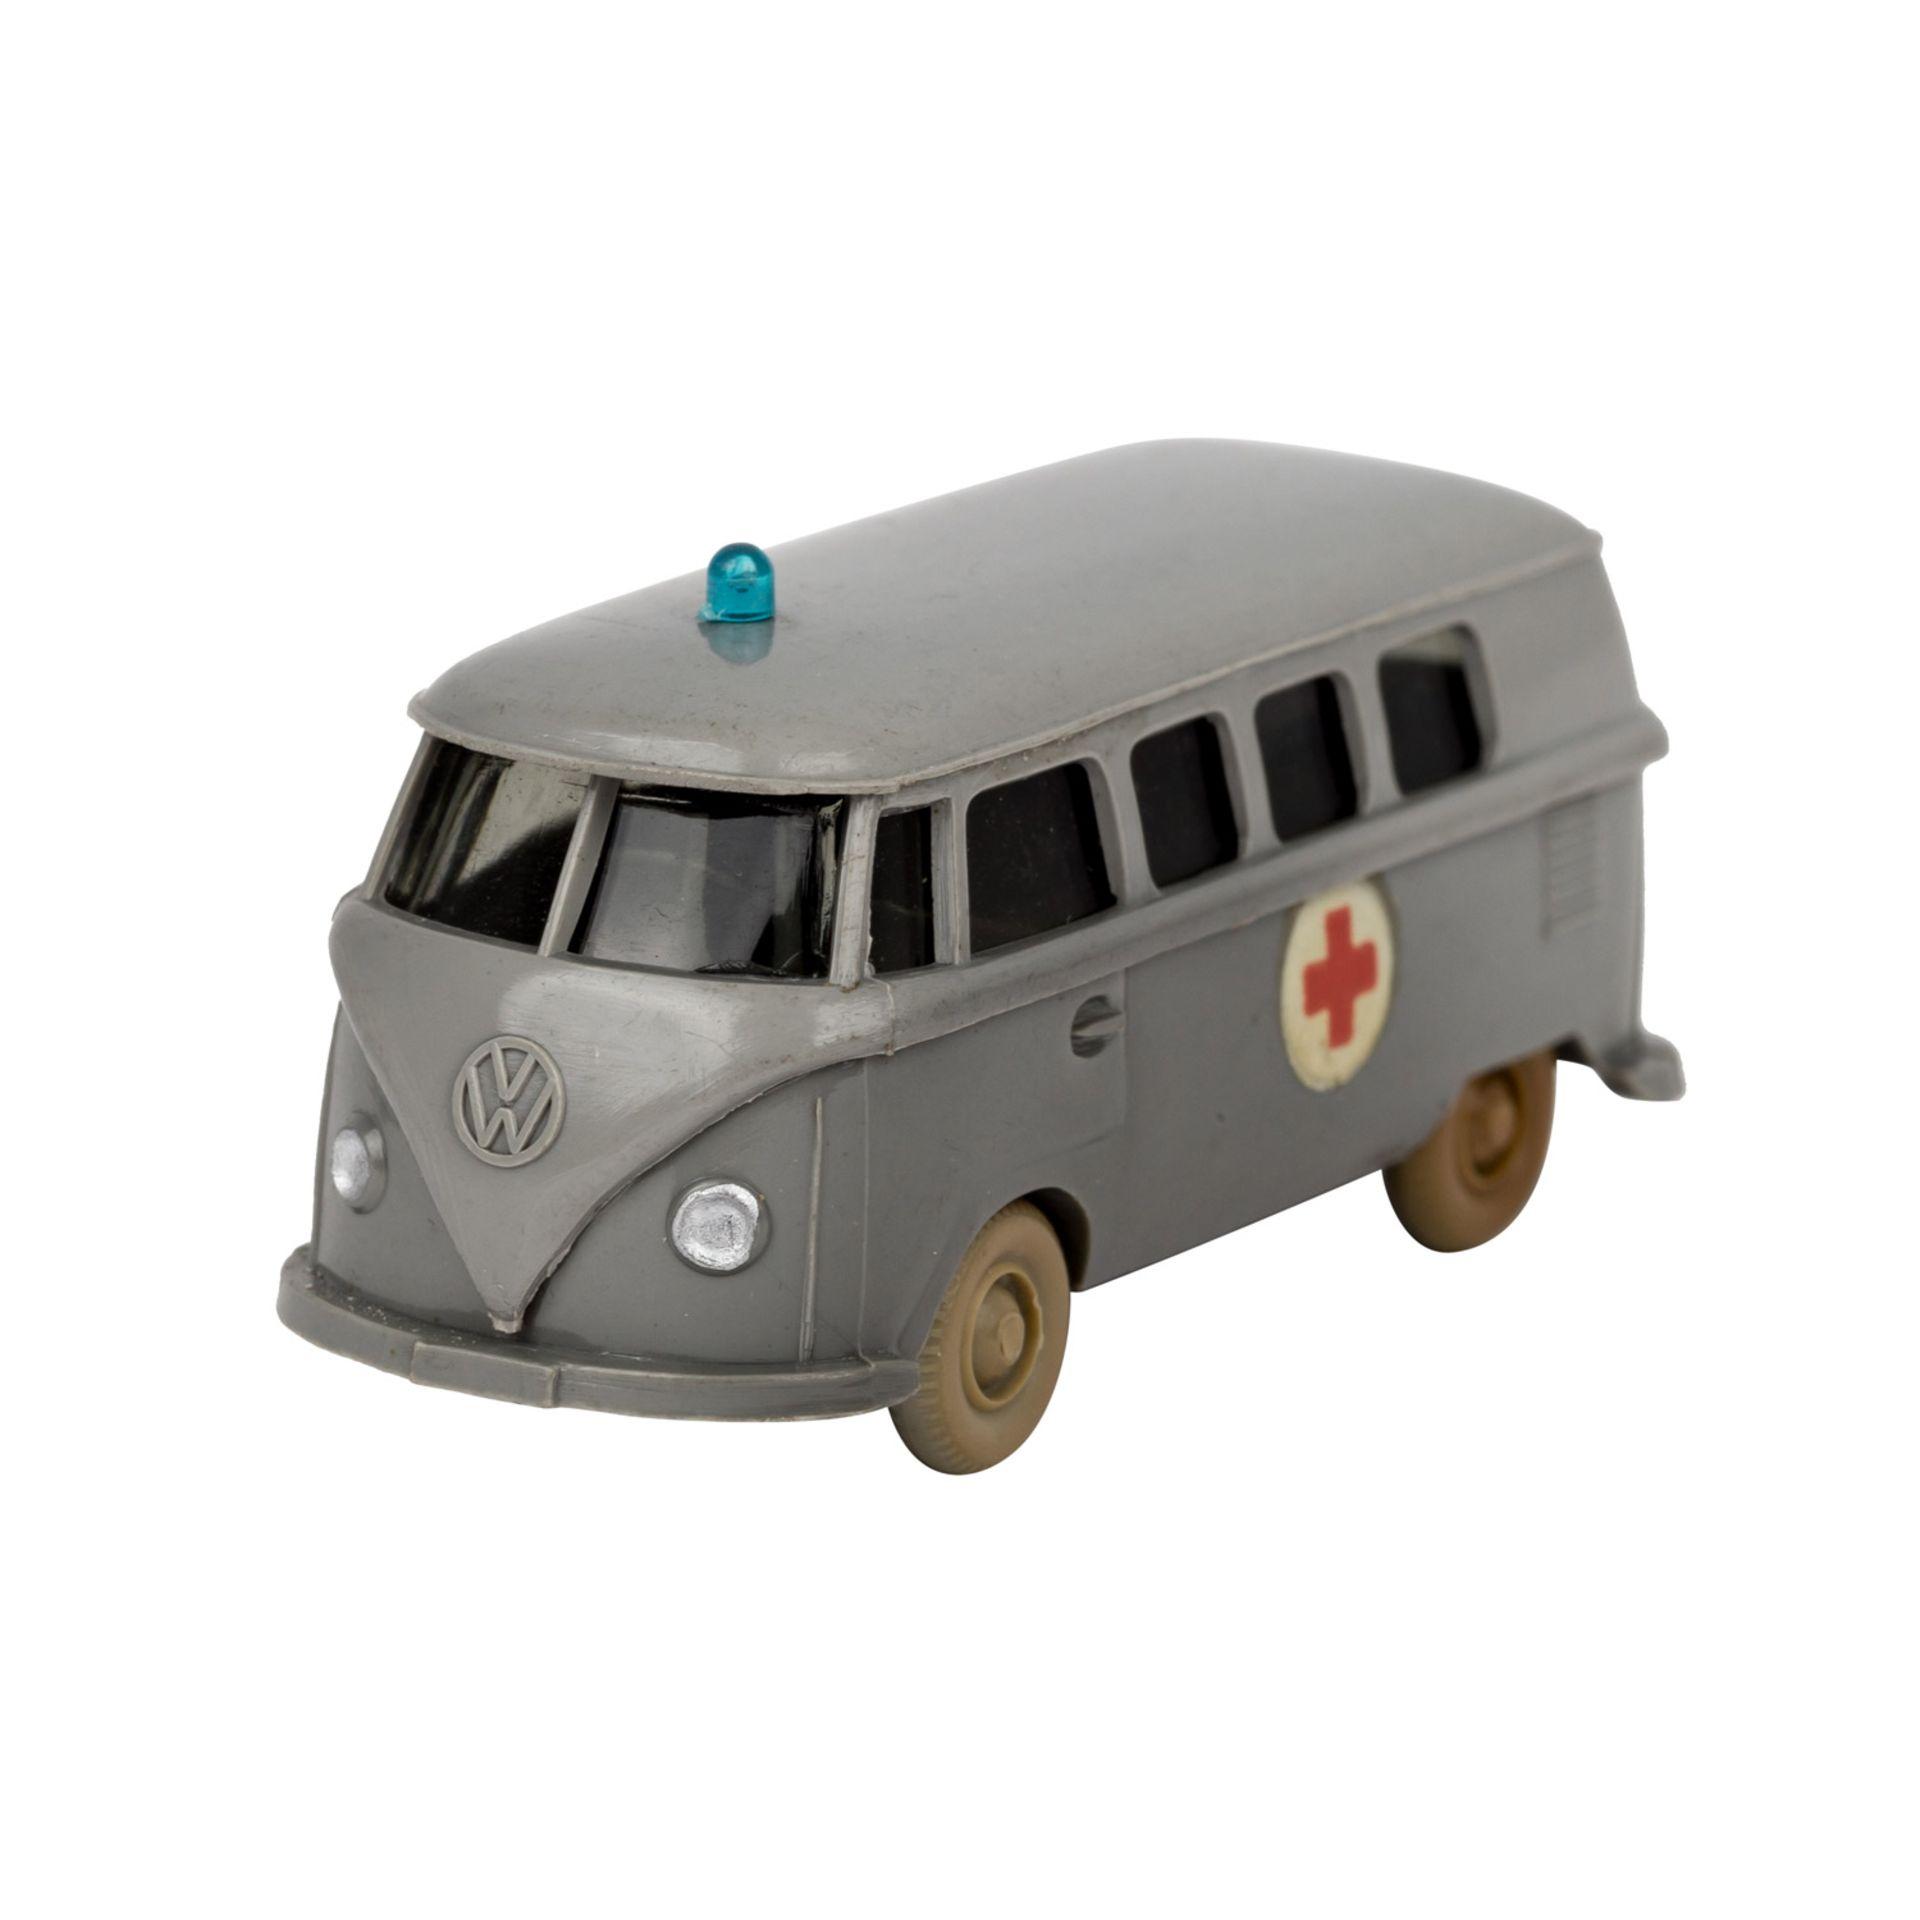 WIKING VW Bus 'T1, Rotkreuz', 1961-65,staubgraue Karosserie, 'Rotkreuz'-Emblem als Abz